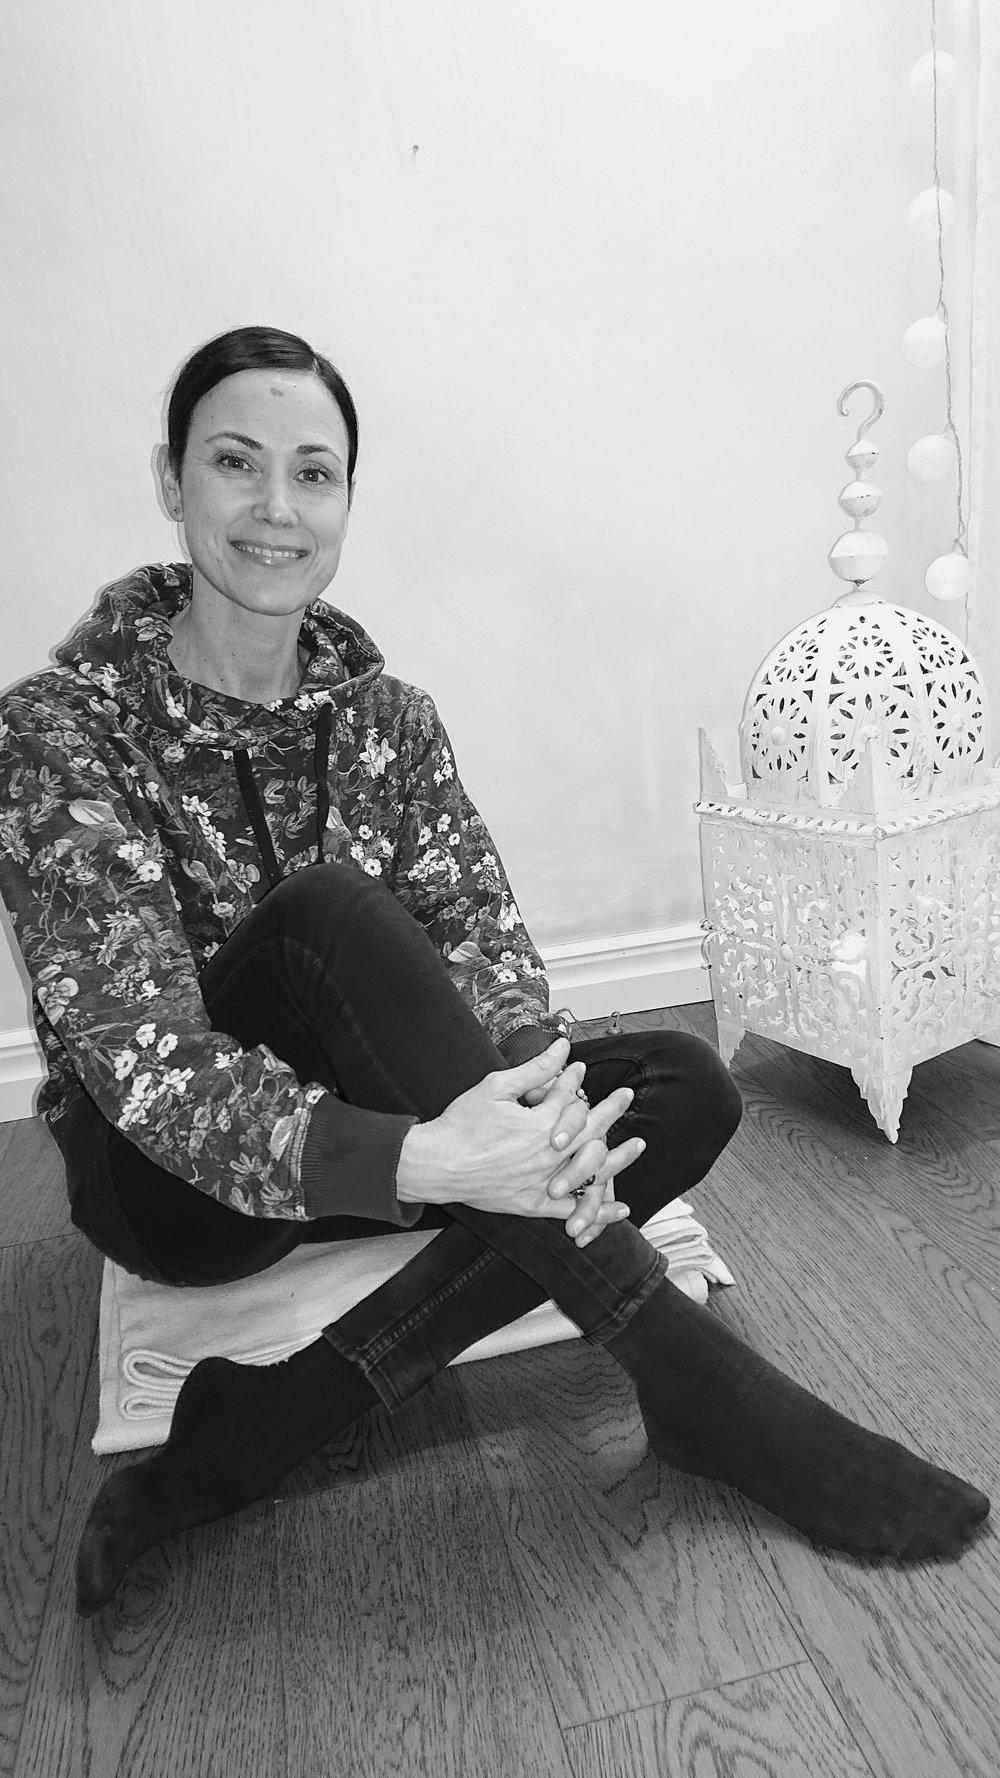 Lena Kristenssen - Hej!Jag heter Lena & är en av volontärerna här på My Sangha Shala.Min första kontakt med yoga var 2001 när Gävle Yogaskola startade. Men det är först nu under de senaste åren som jag låtit yogan bli en del av min vardag.För mig handlar yoga om helhetshälsa, balans mellan kropp & sinne och att vara närvarande i nuet... att acceptera sig själv så som man är just nu.I en vardag med högt tempo hjälper den mig att hitta balans mellan återhämtning & att